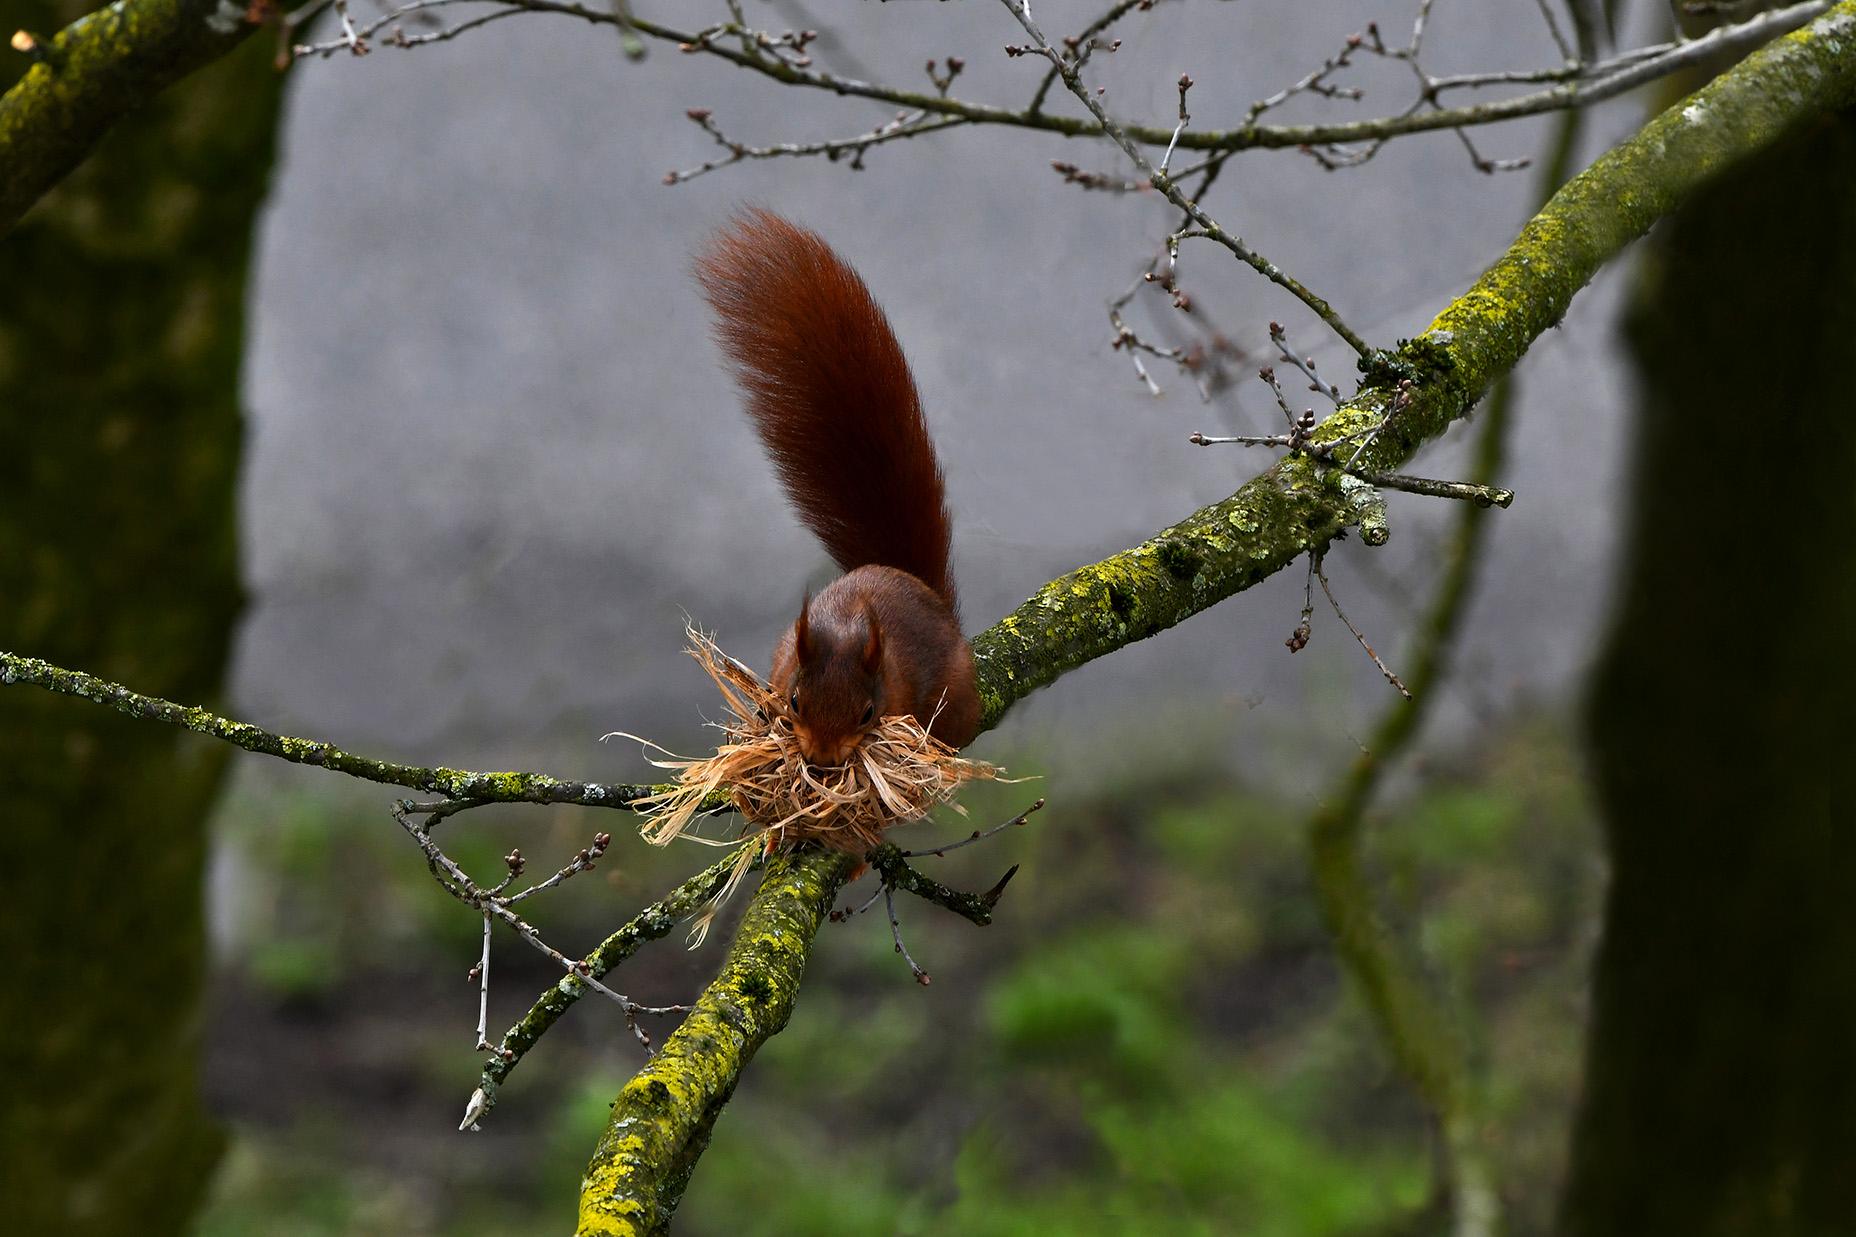 Ze komt aangehuppeld over een dikke tak, met in haar bek een grote prop droog gras - Foto: ©Louis Fraanje